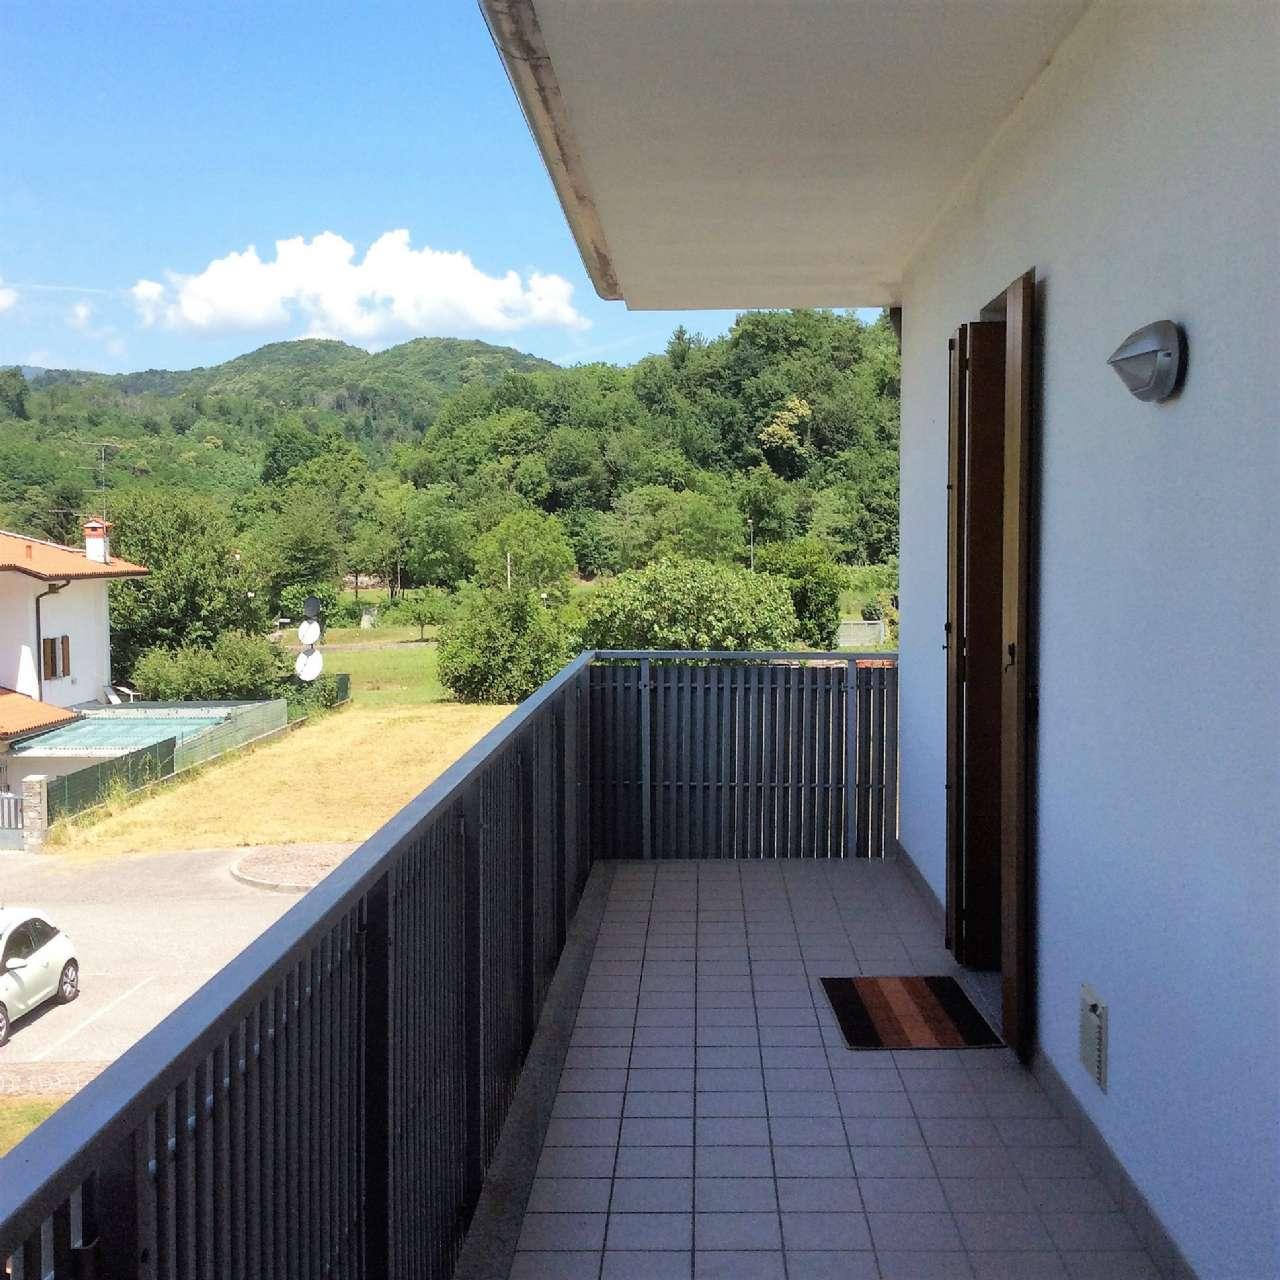 Appartamento in vendita a Attimis, 4 locali, prezzo € 135.000 | Cambio Casa.it